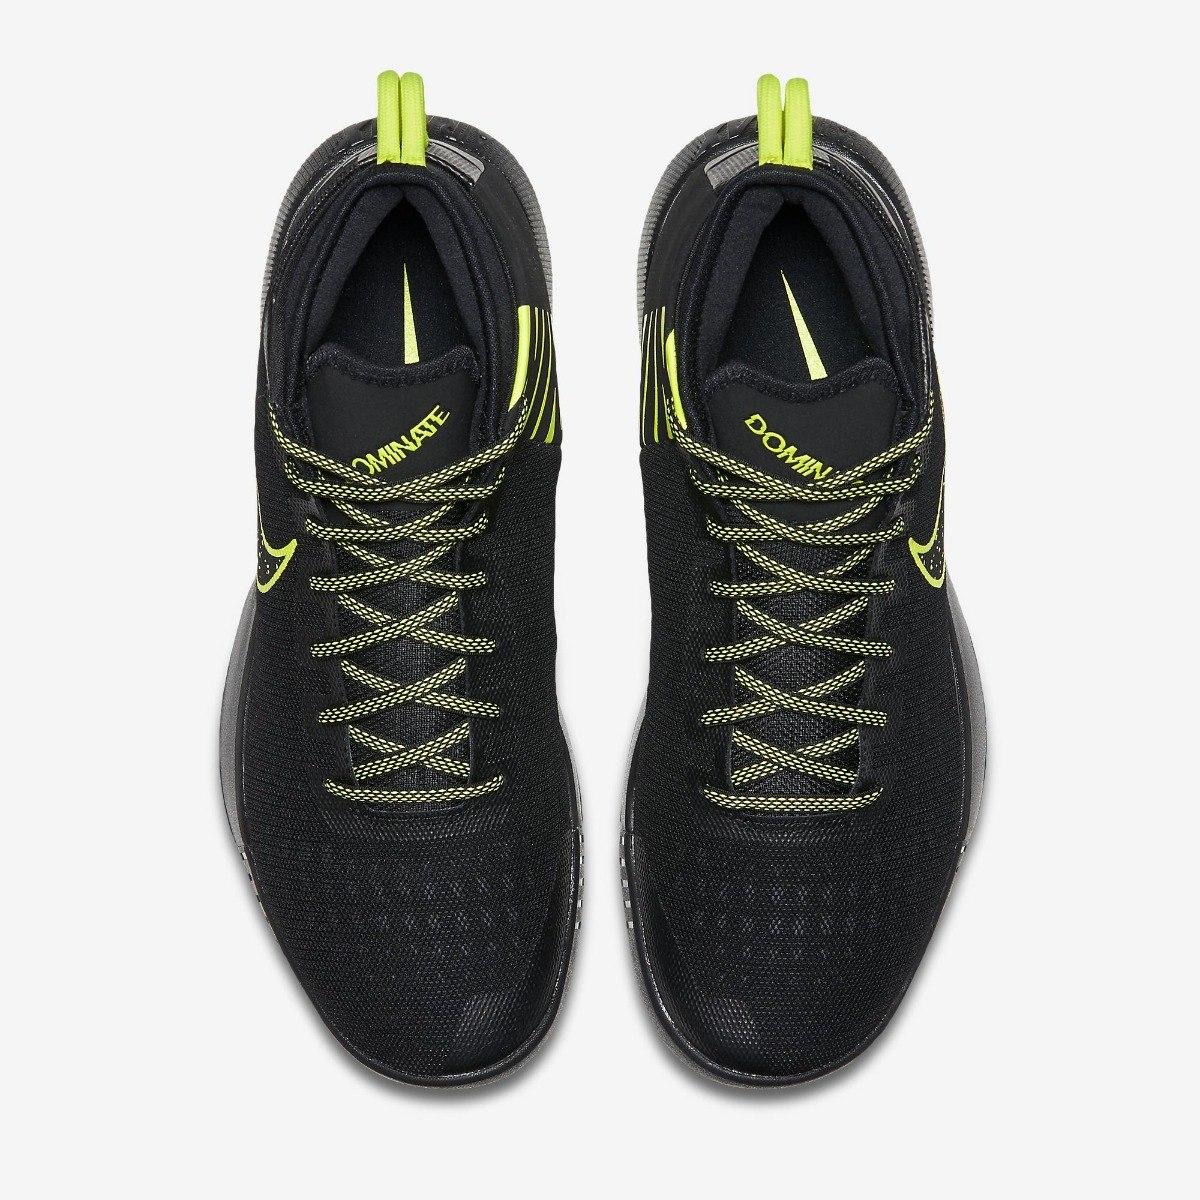 c989a690128 tênis nike air max dominate - basquete - valor negociável. Carregando  zoom... tênis nike basquete. Carregando zoom.